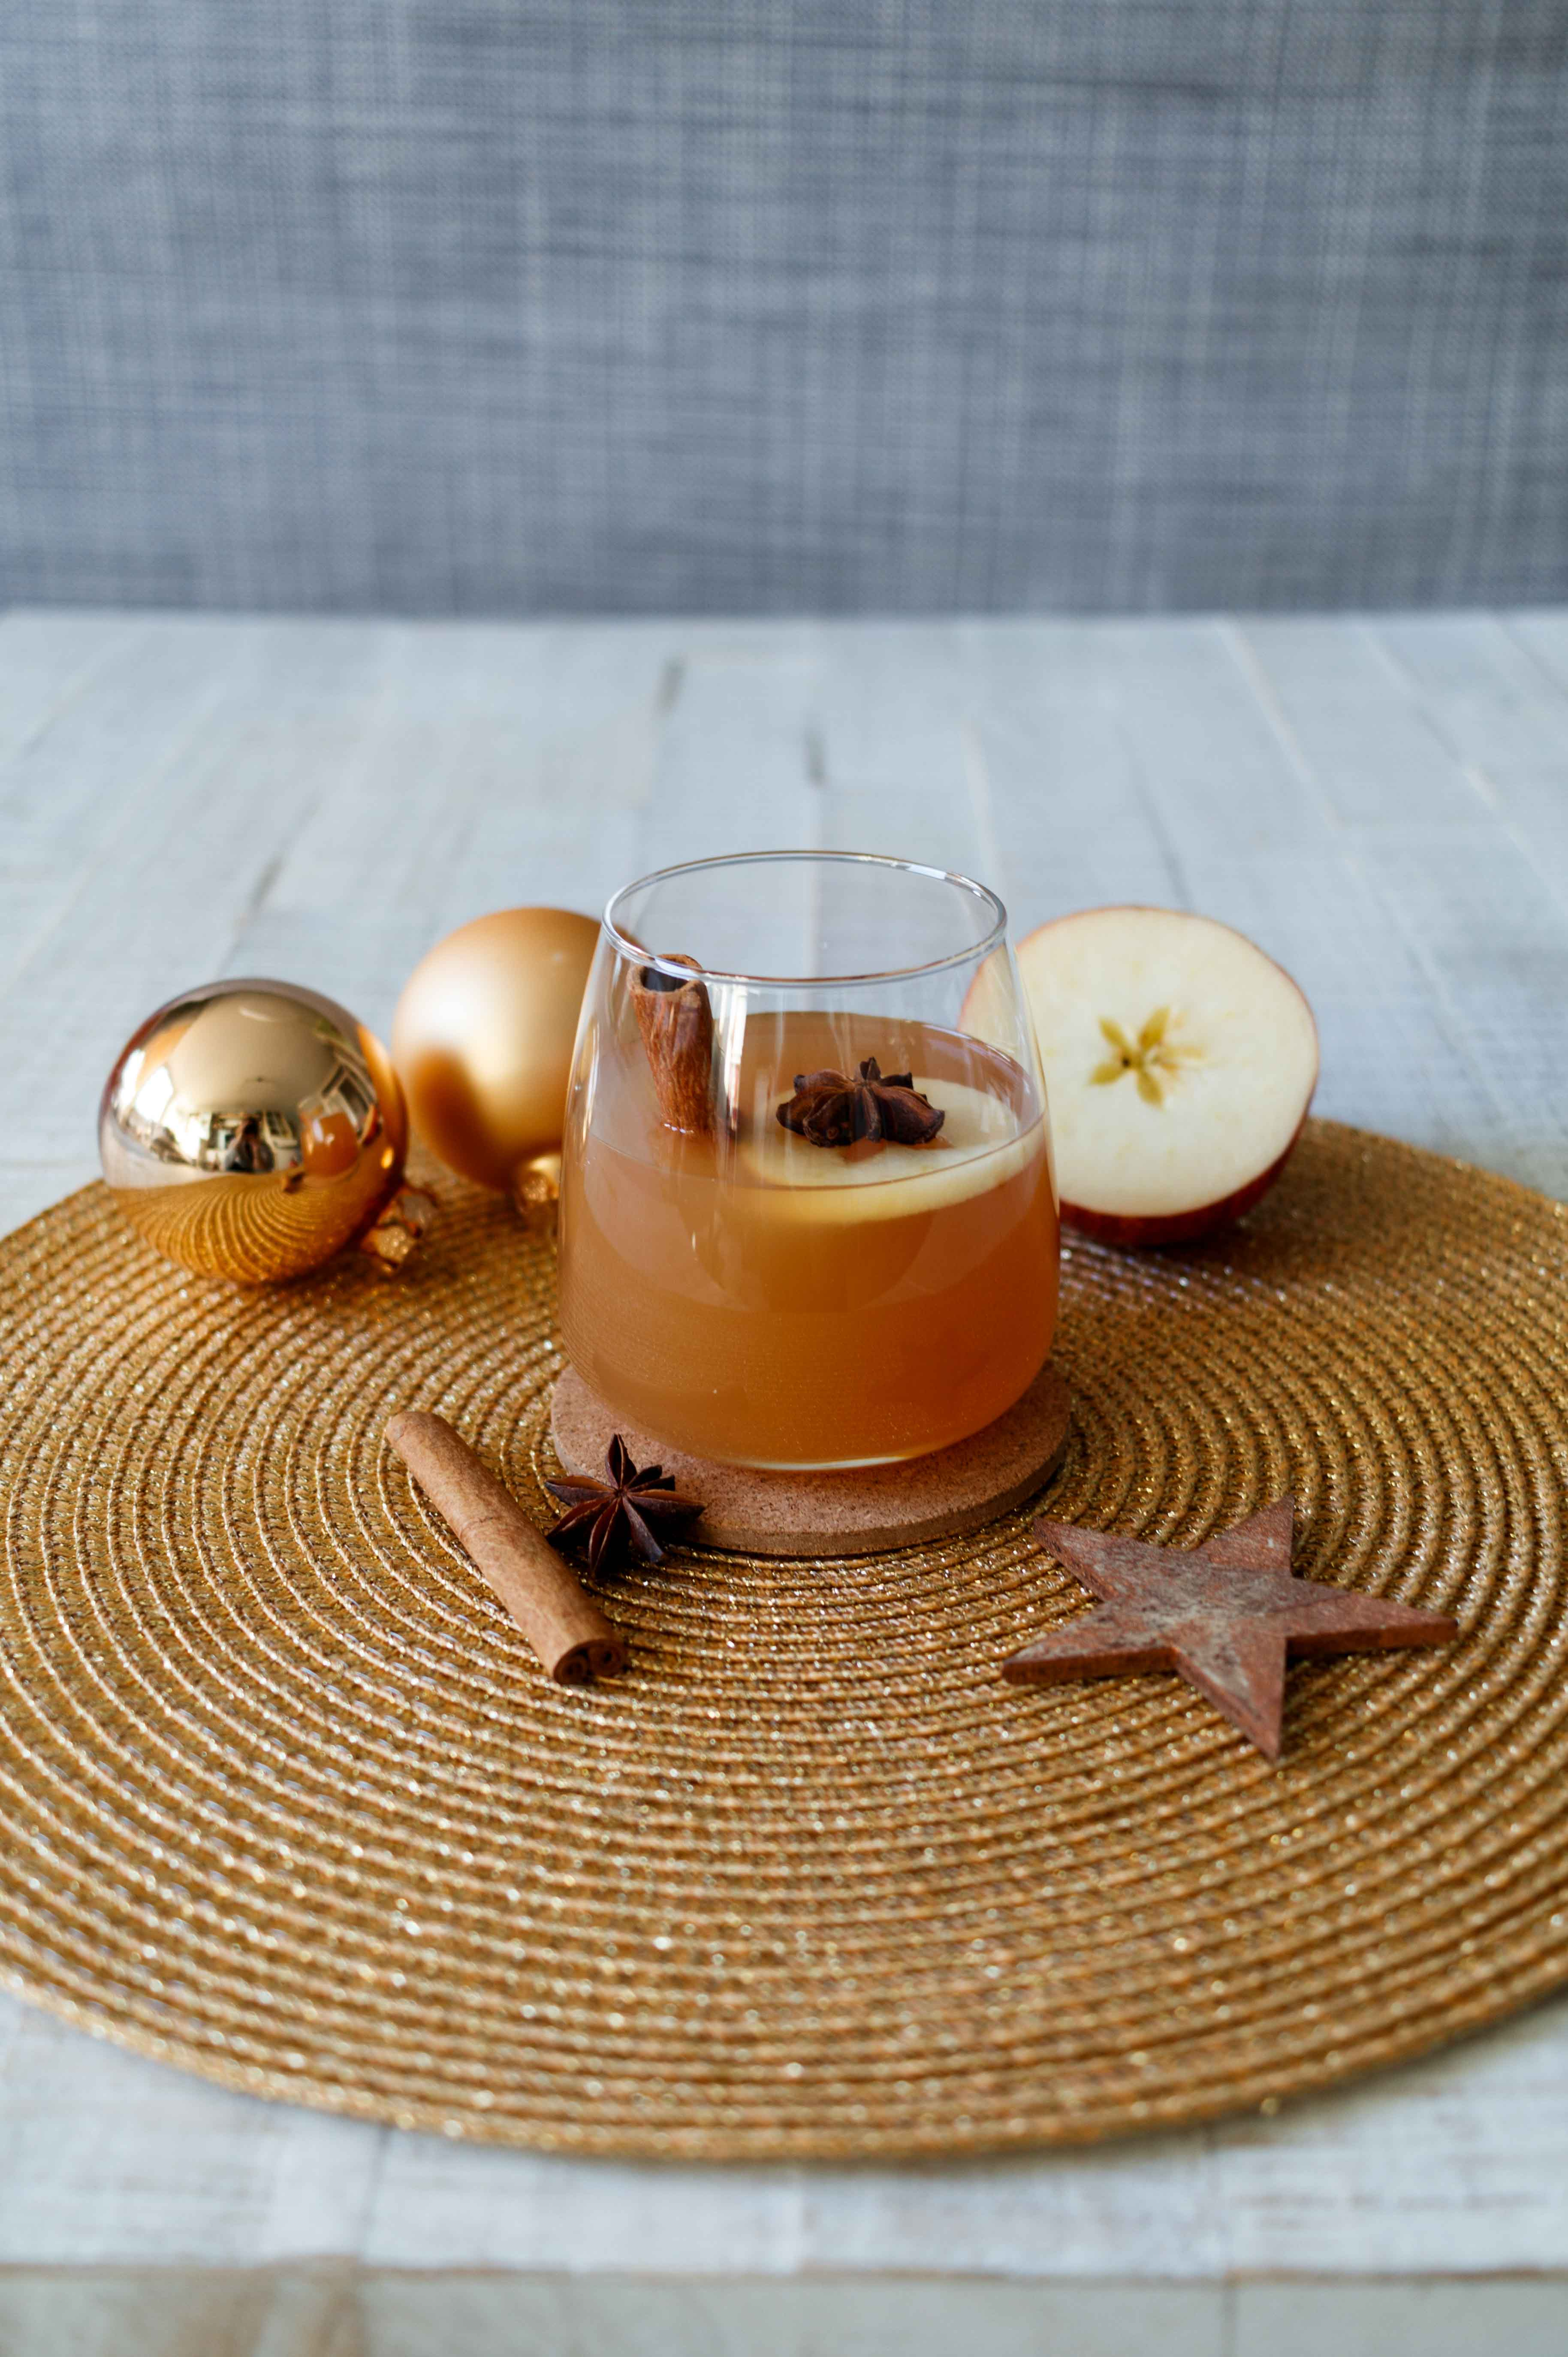 Tipps für Weihnachten: Warmer Apfelpunsch // Apple Punch by  http://babyrockmyday.com/apfelpunsch/